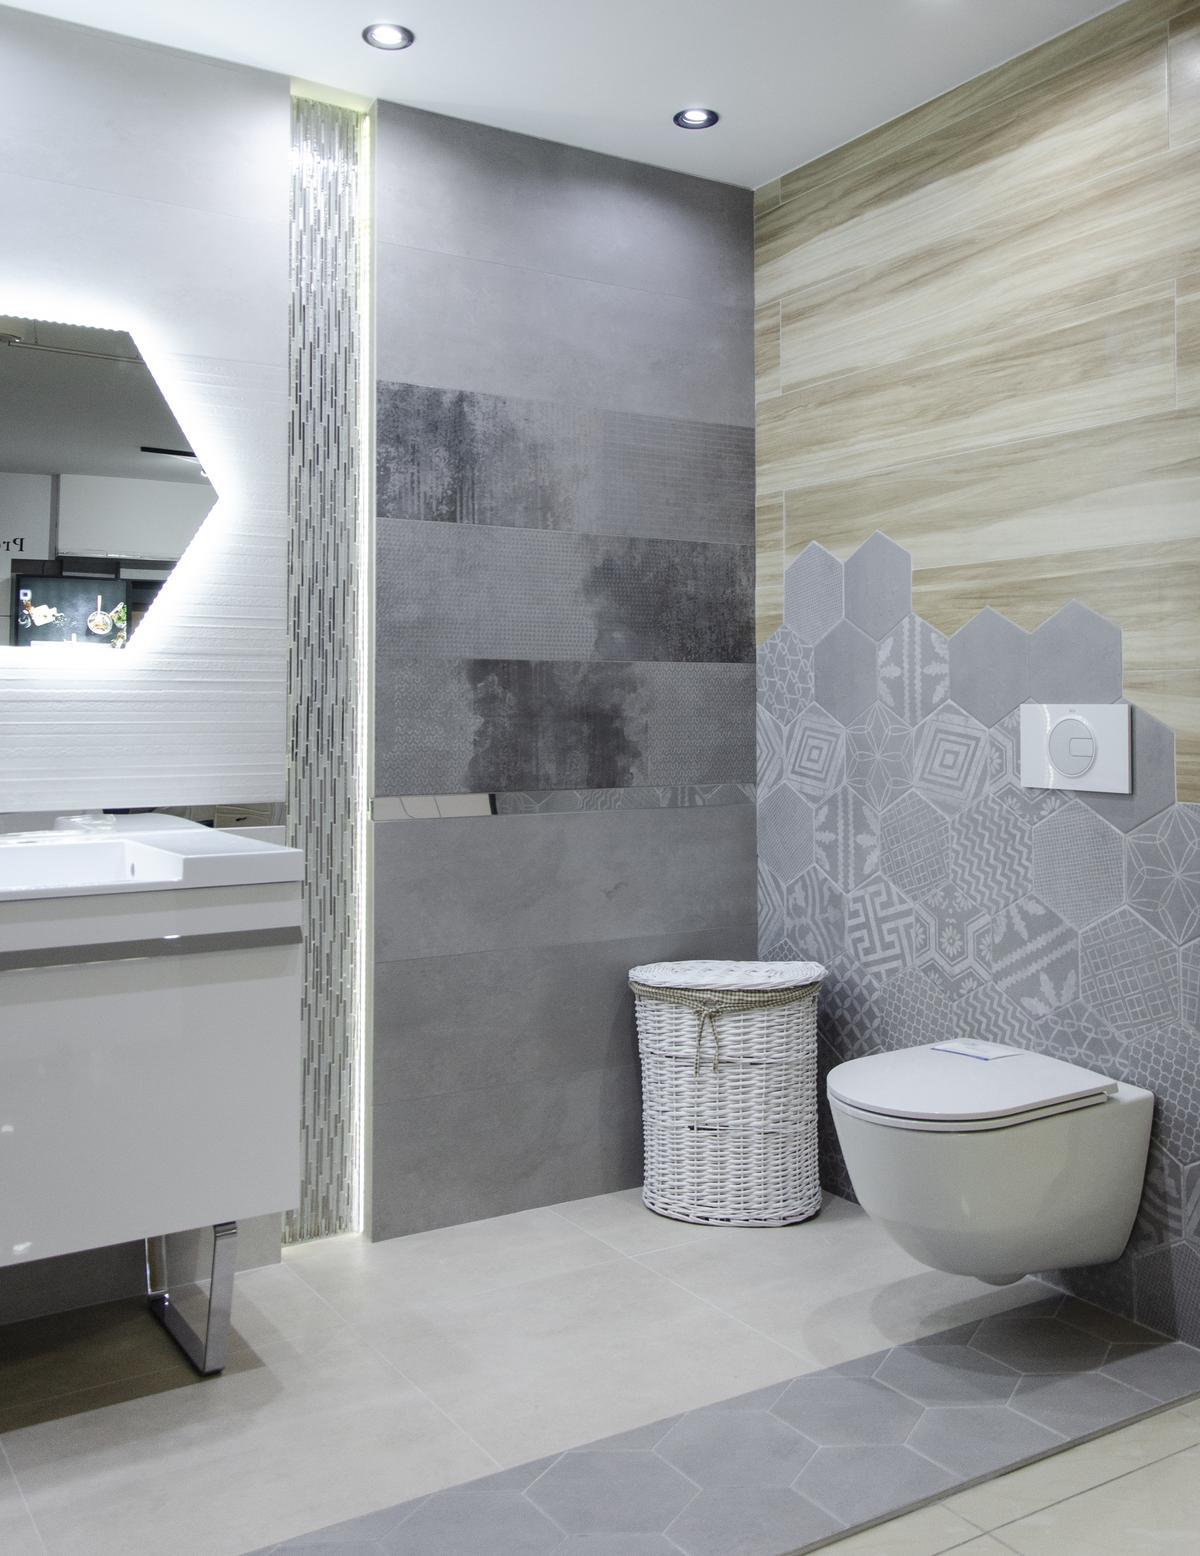 Industrialna łazienka z motywem heksagonalnym - zdjęcie od BLU salon łazienek Grudziądz